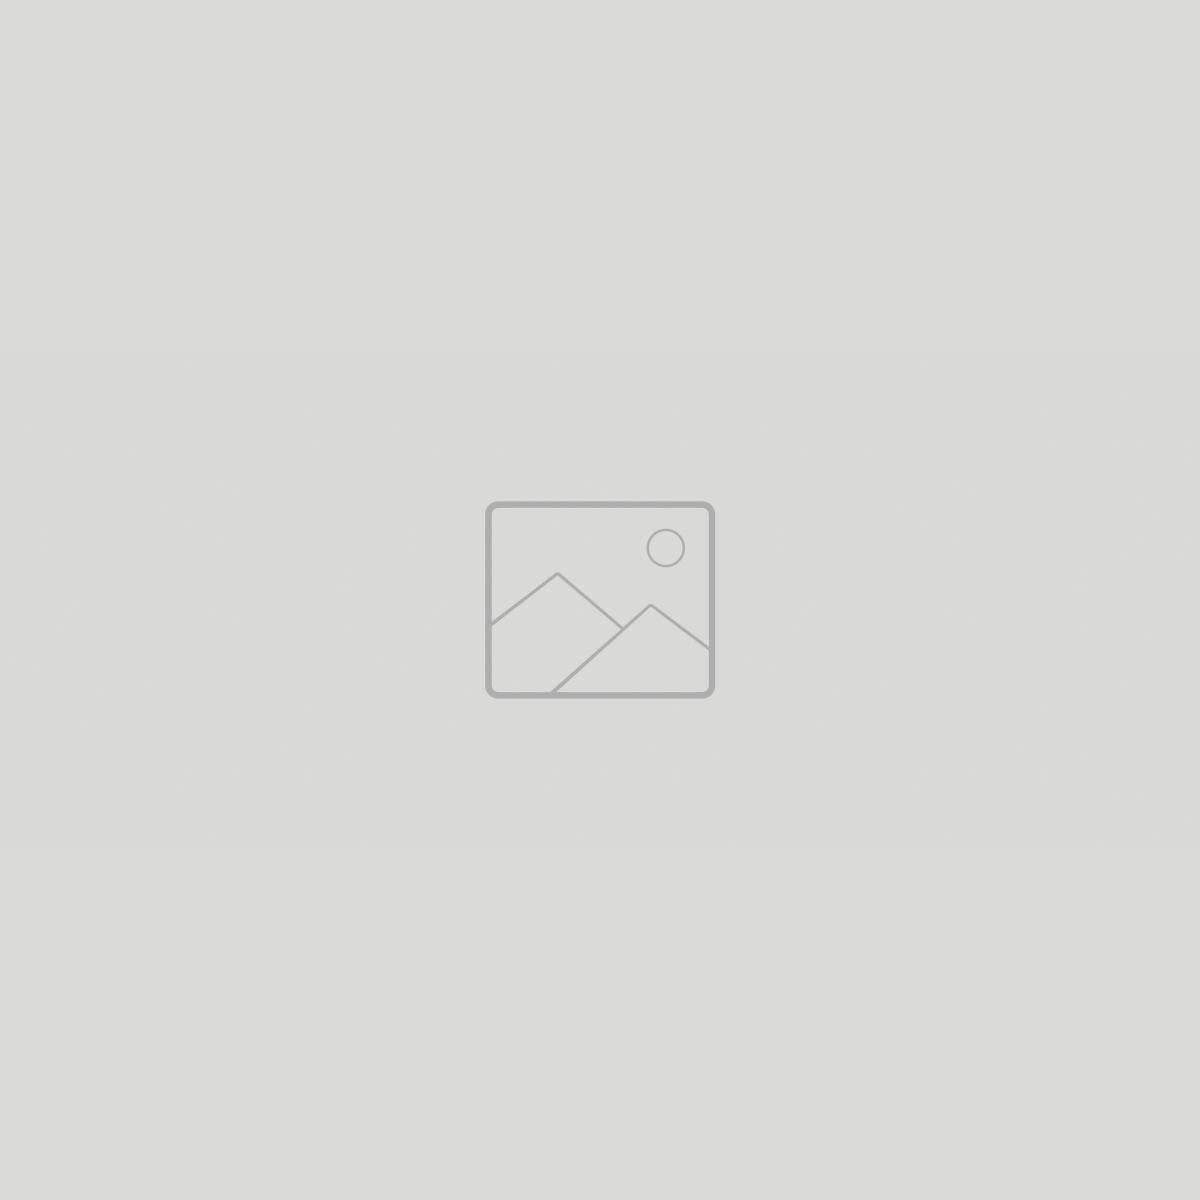 بطارية أورجينال صيني سامسونج J710 J7 2016